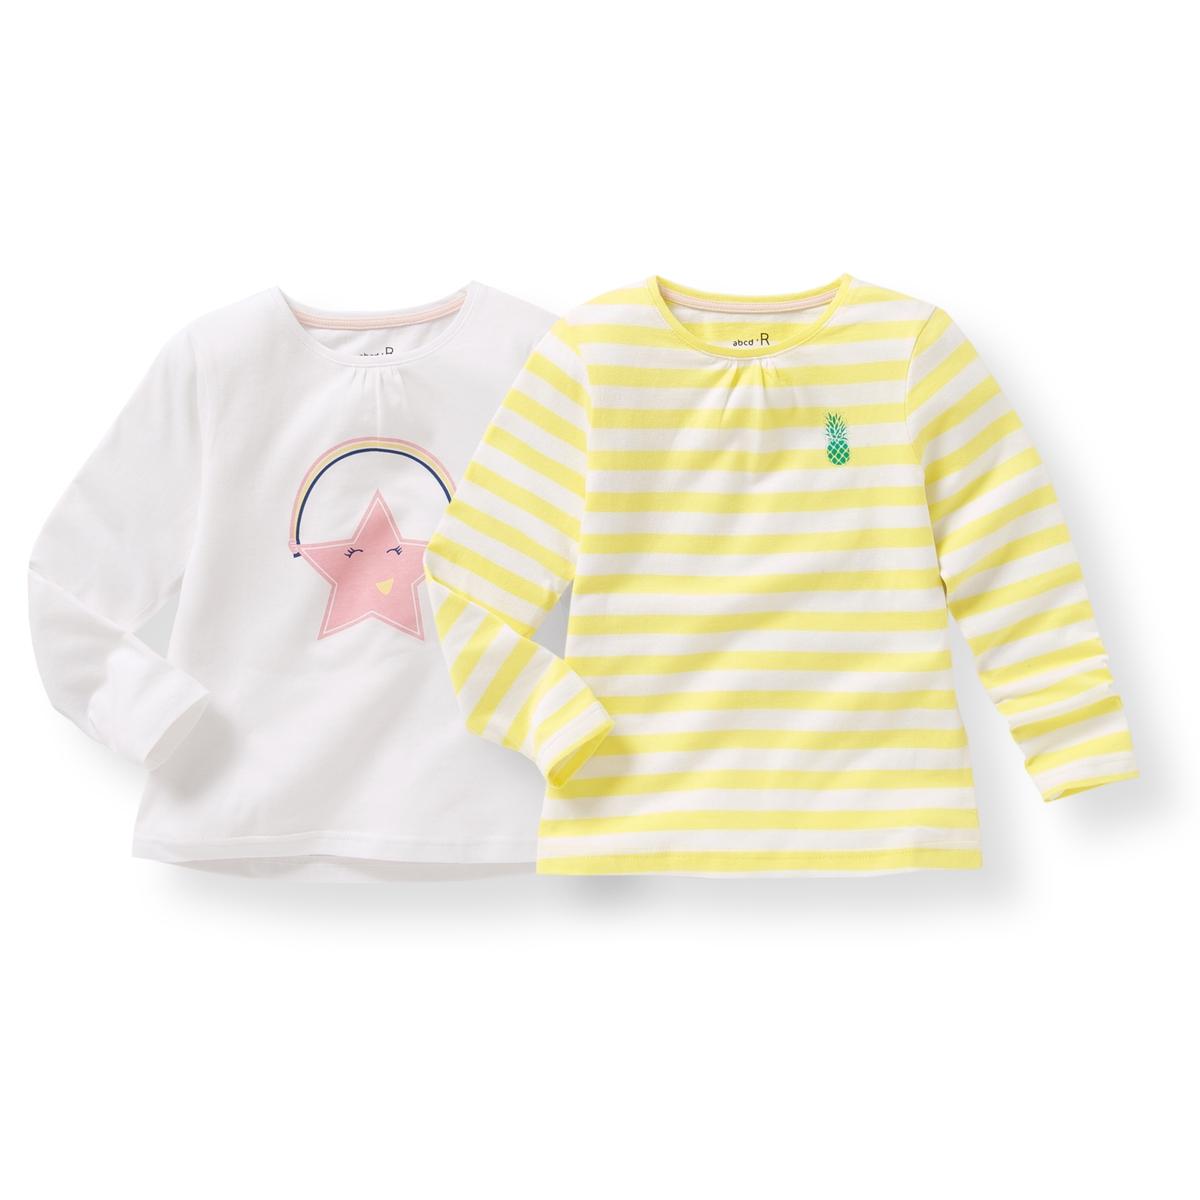 Комплект из 2 футболок с длинными рукавами, 3-12 летОписание:Детали •  Длинные рукава •  Круглый вырез •  Рисунок спередиСостав и уход •  100% хлопок •  Температура стирки 30° •  Сухая чистка и отбеливание запрещены • Барабанная сушка на слабом режиме    •  Низкая температура глажки<br><br>Цвет: белый+желтый<br>Размер: 10 лет - 138 см.12 лет -150 см